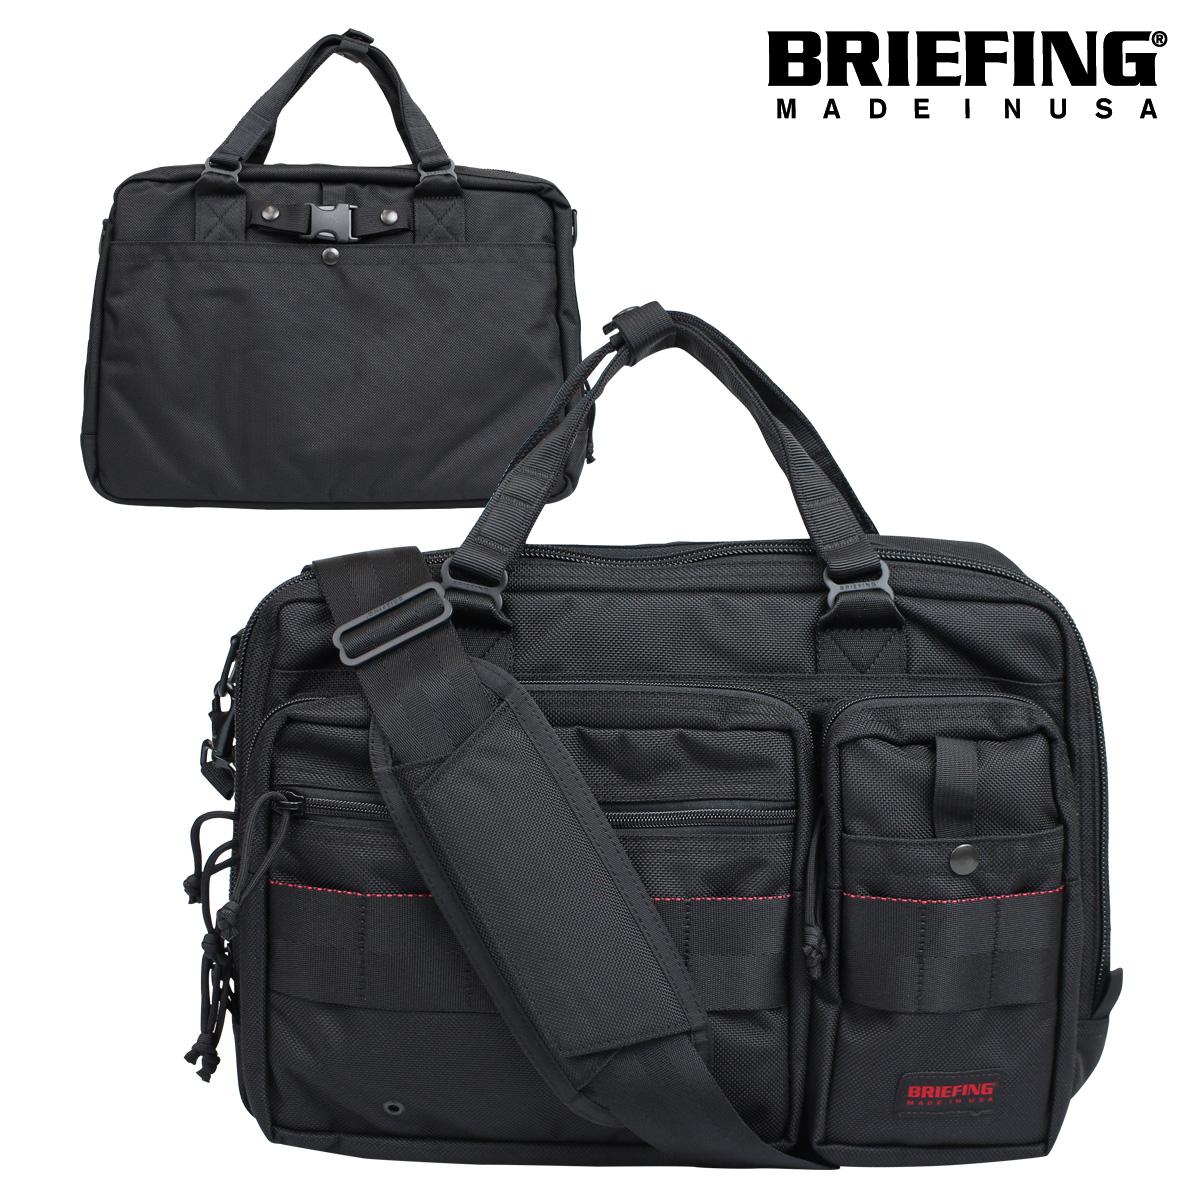 ブリーフィング BRIEFING バッグ ビジネスバッグ ショルダーバッグ BRF174219 A4 LINER メンズ